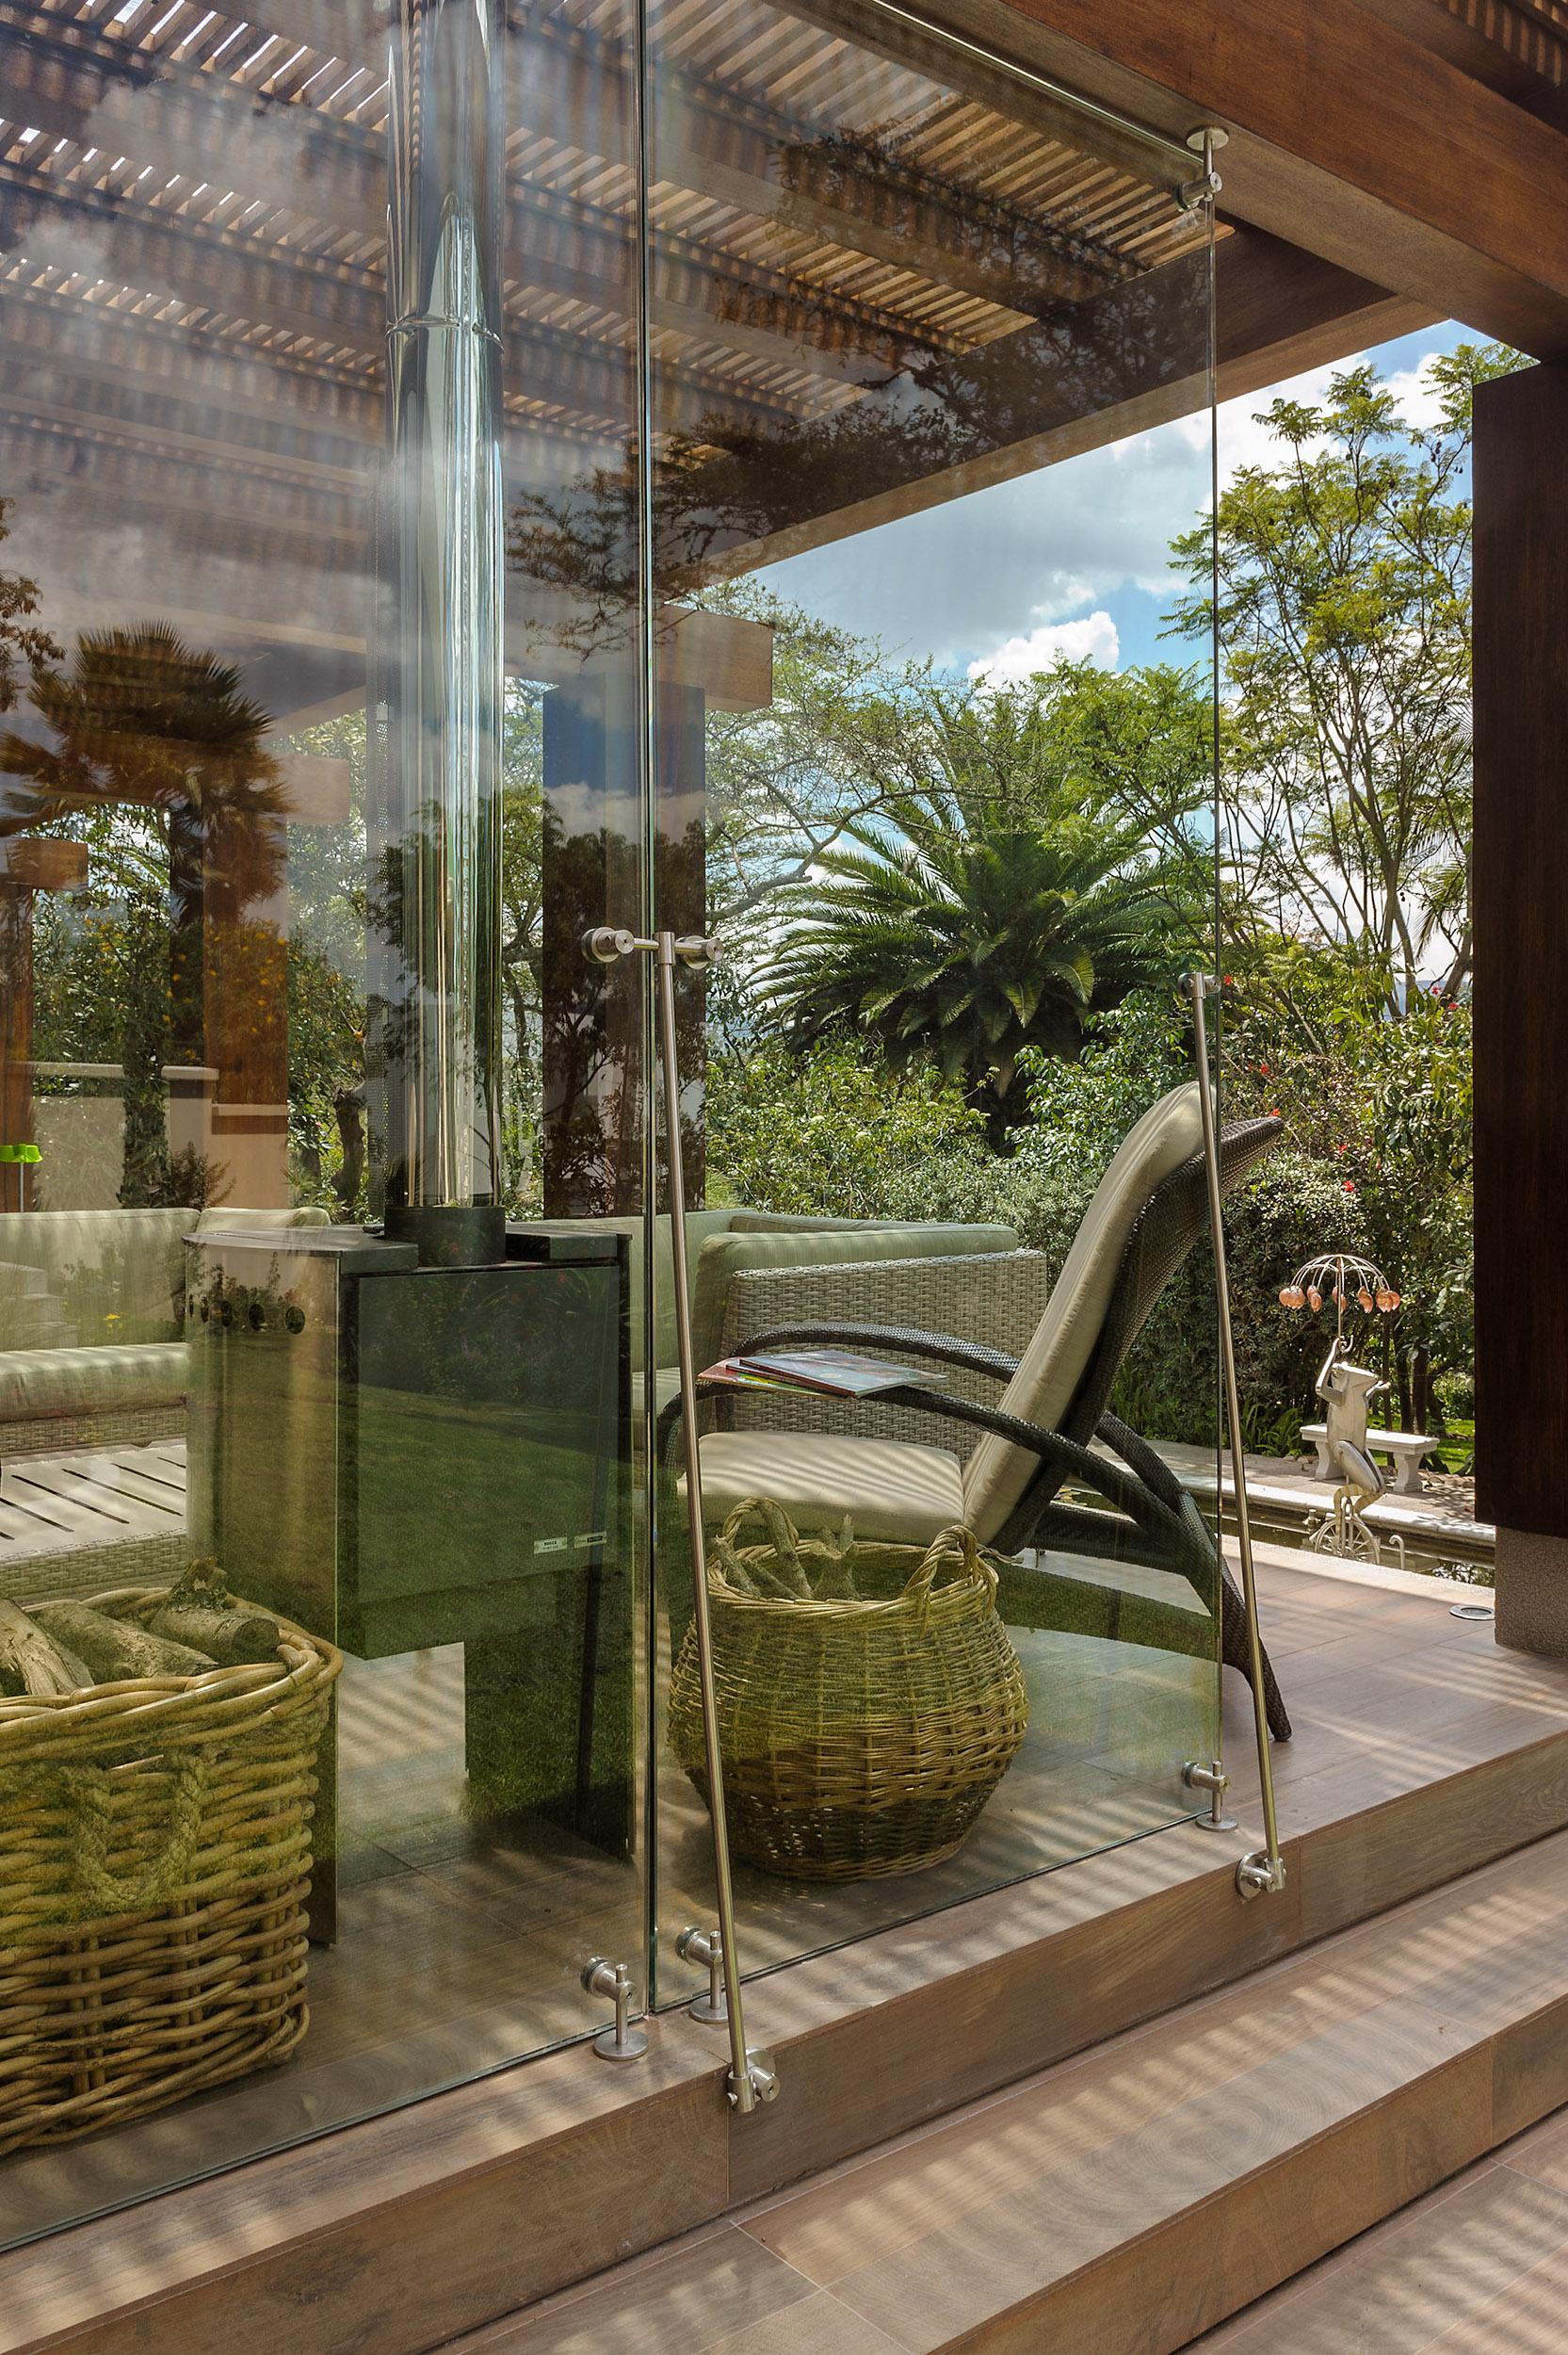 Sala exterior de vivienda con cortavientos de vidrio